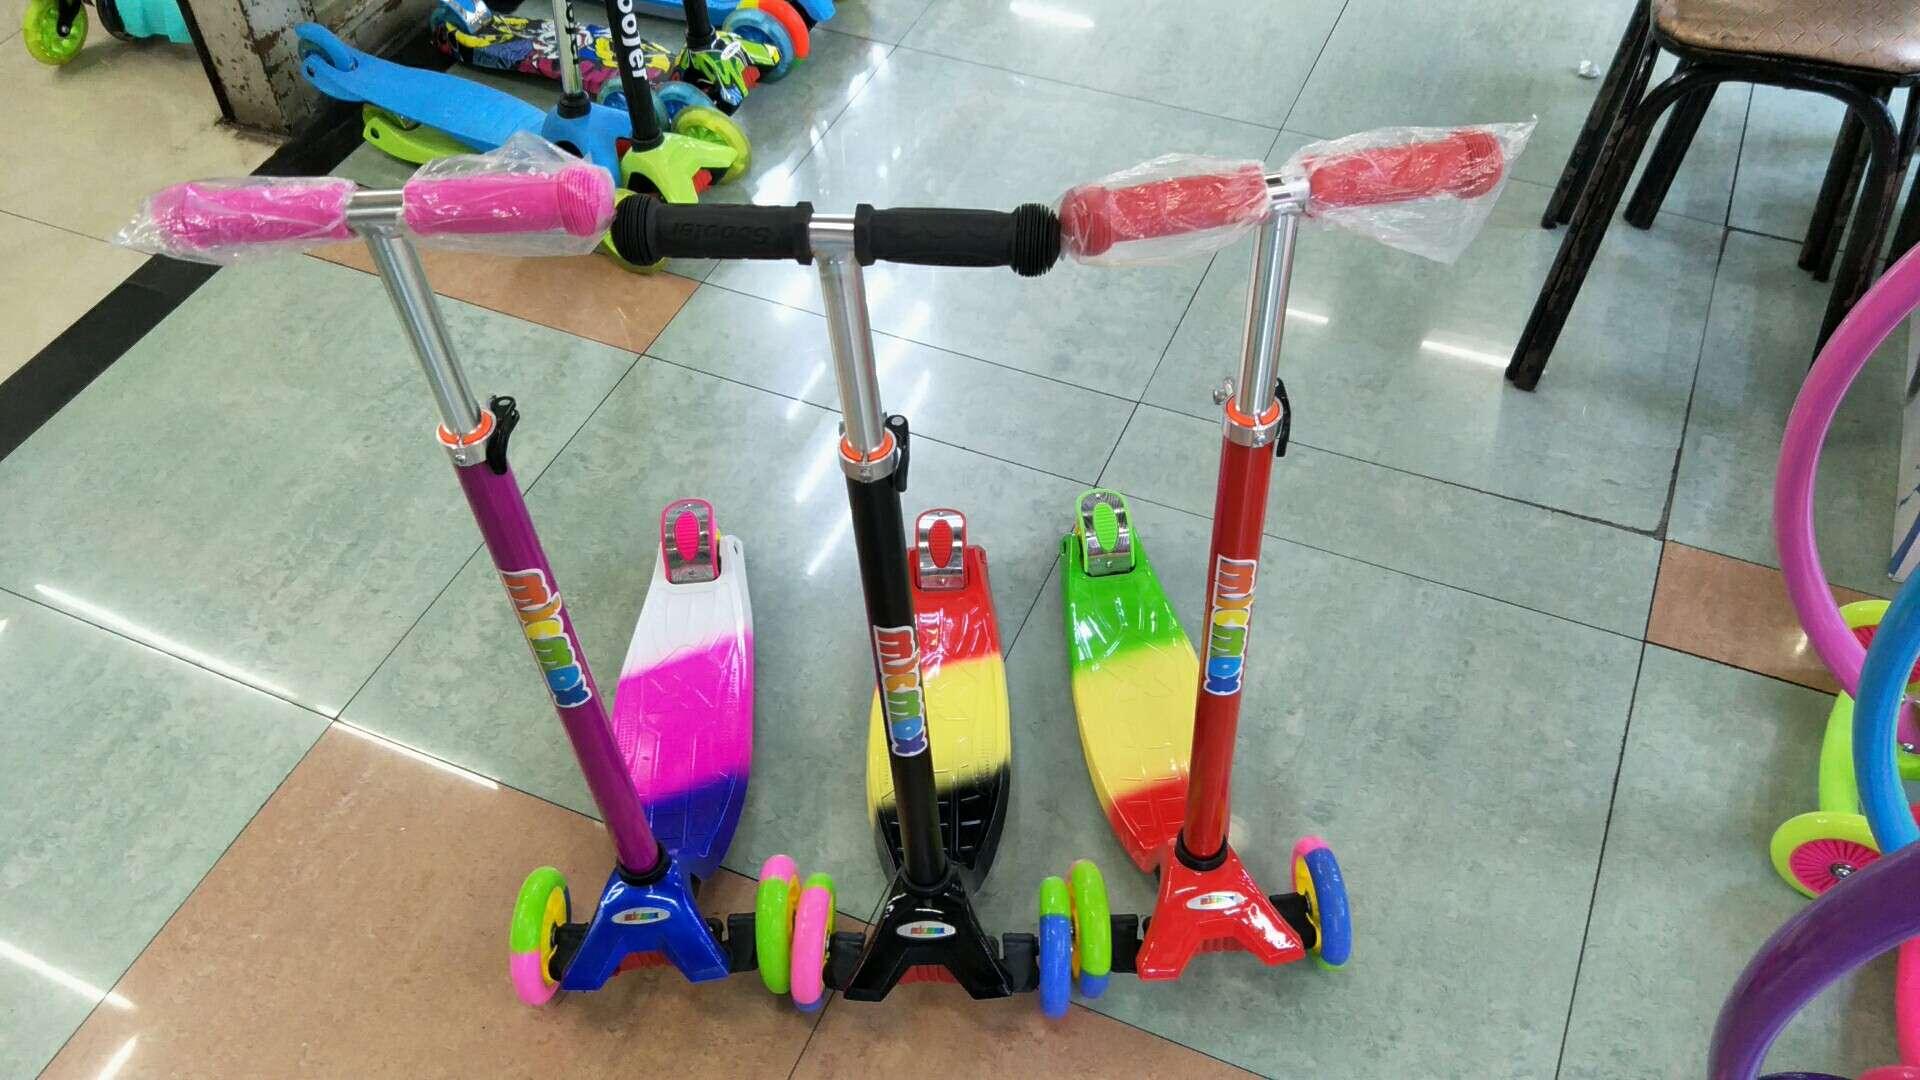 三色滑板车